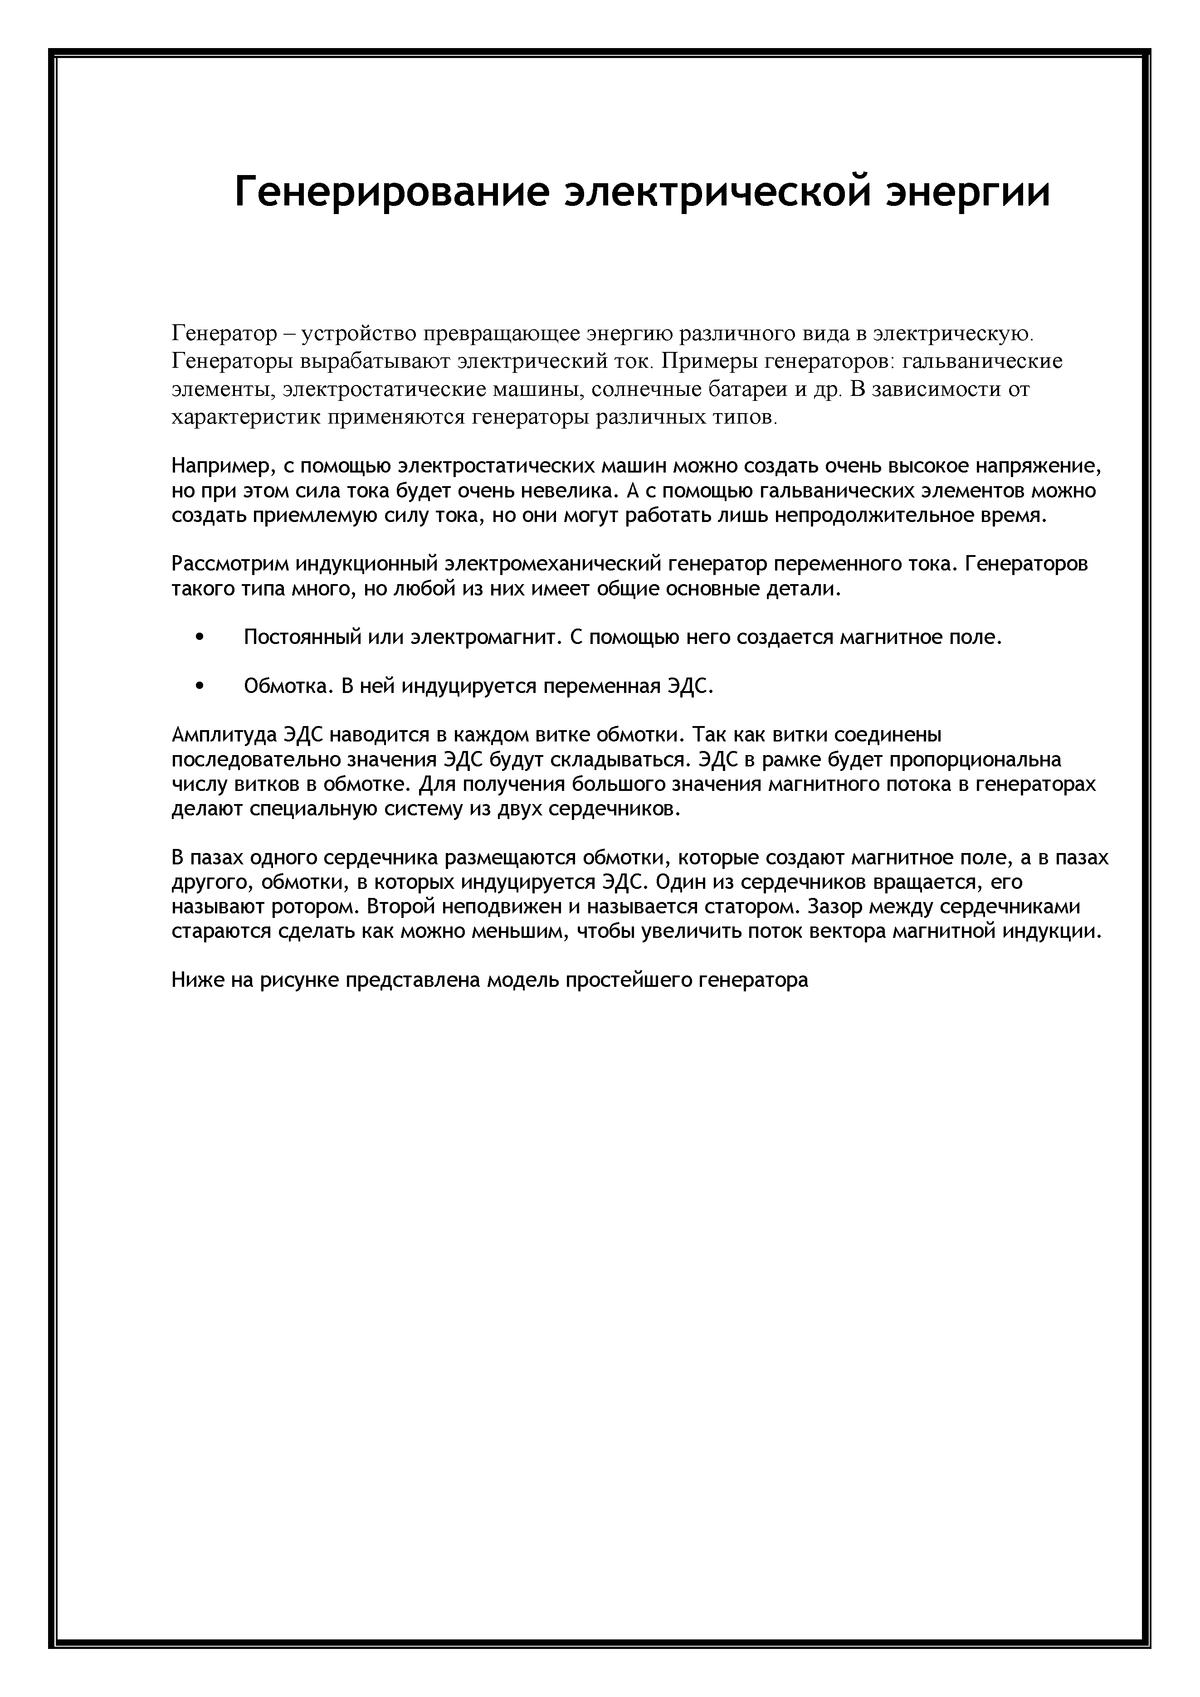 Самый сложный доклад по физике 6791